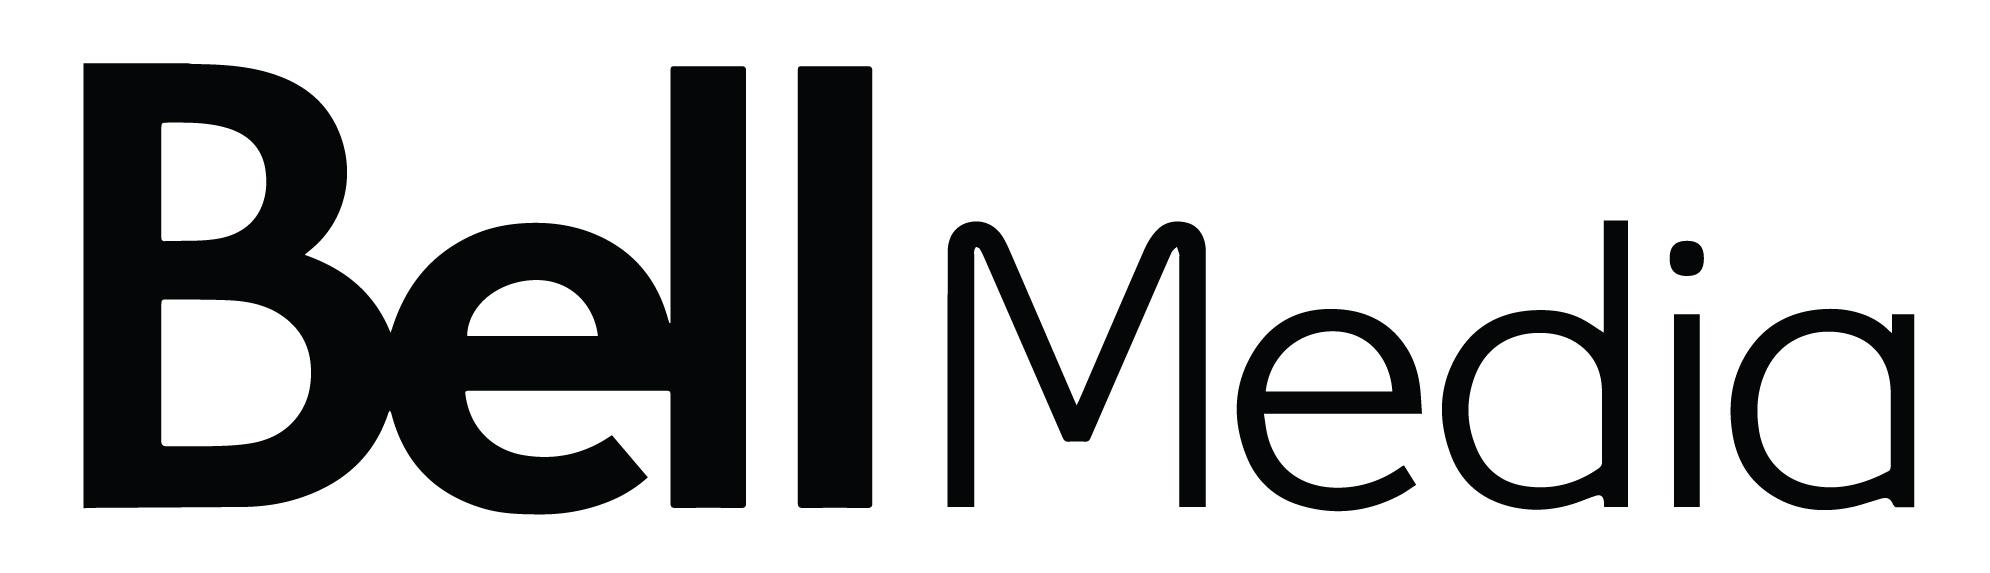 Bell Media-02